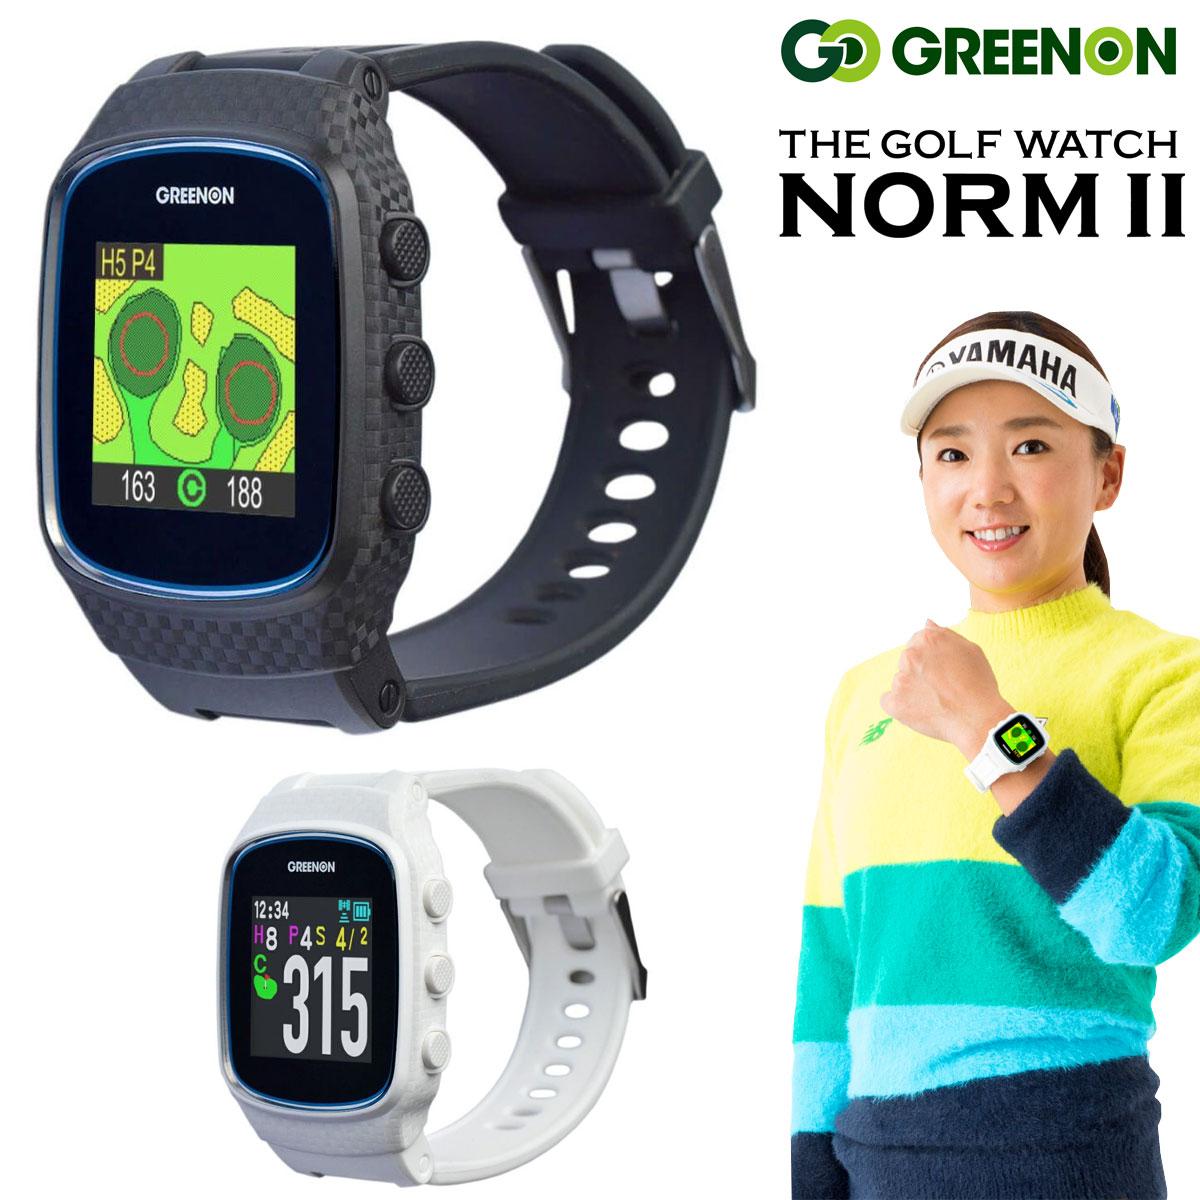 新機能クイックスタートでかんたん操作 GreenOn グリーンオン MASA日本正規品 THE GOLF WATCH II みちびきL1S対応GPS距離測定器 全国一律送料無料 ザ 2020新製品 ゴルフウォッチノルム2 あす楽対応 NORM 感謝価格